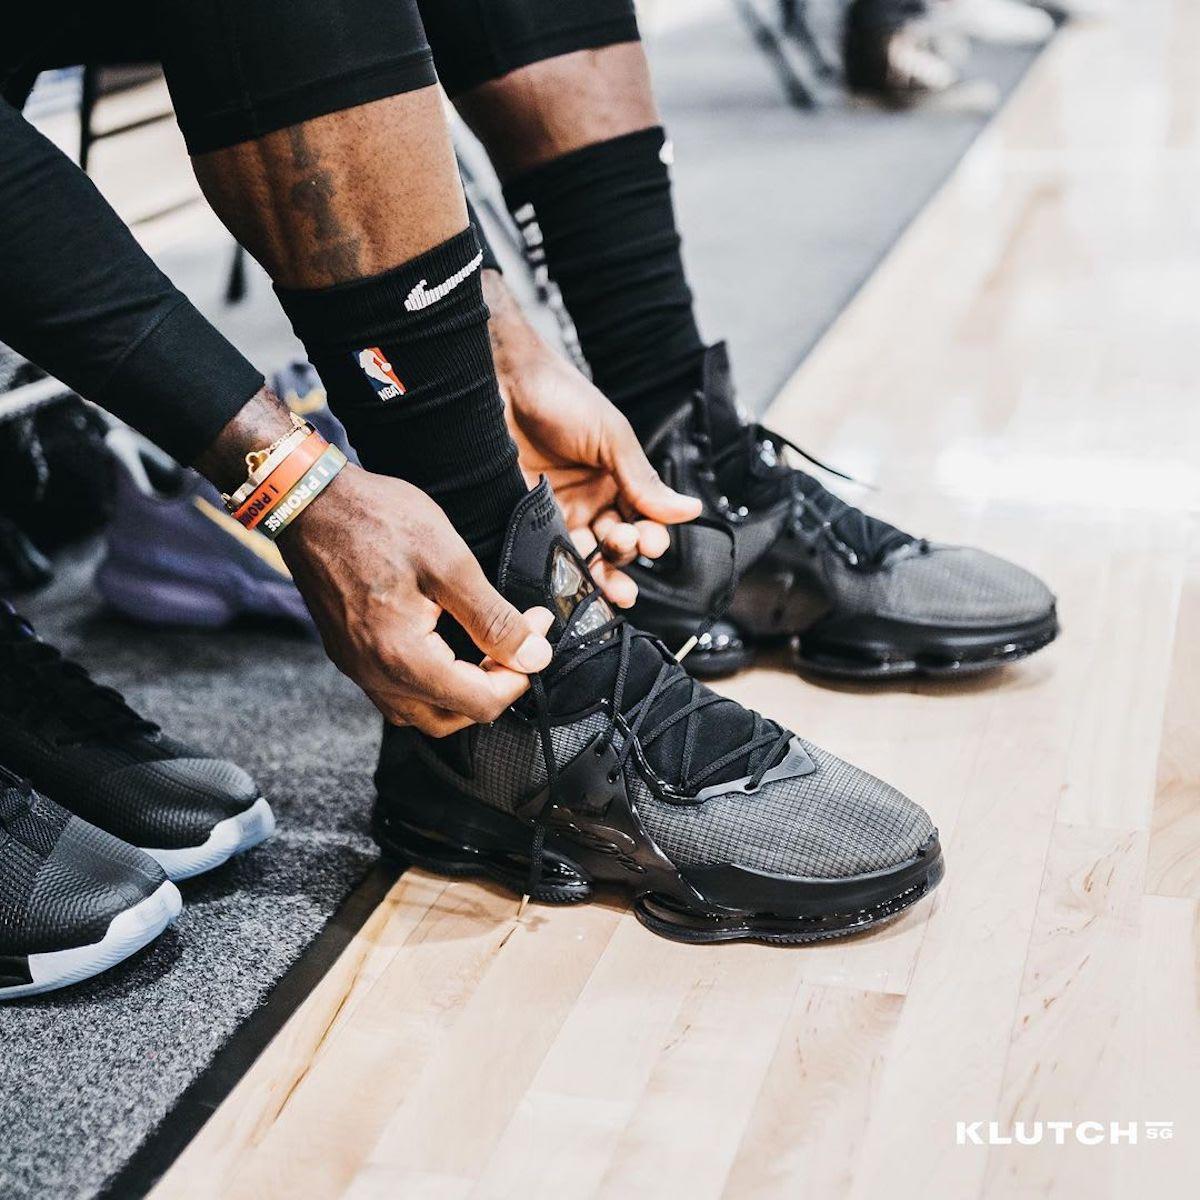 LeBron 19,Nike,上脚,明星  霸气外露!詹姆斯上脚亲晒 LeBron 19 实物!可给他乐坏了!